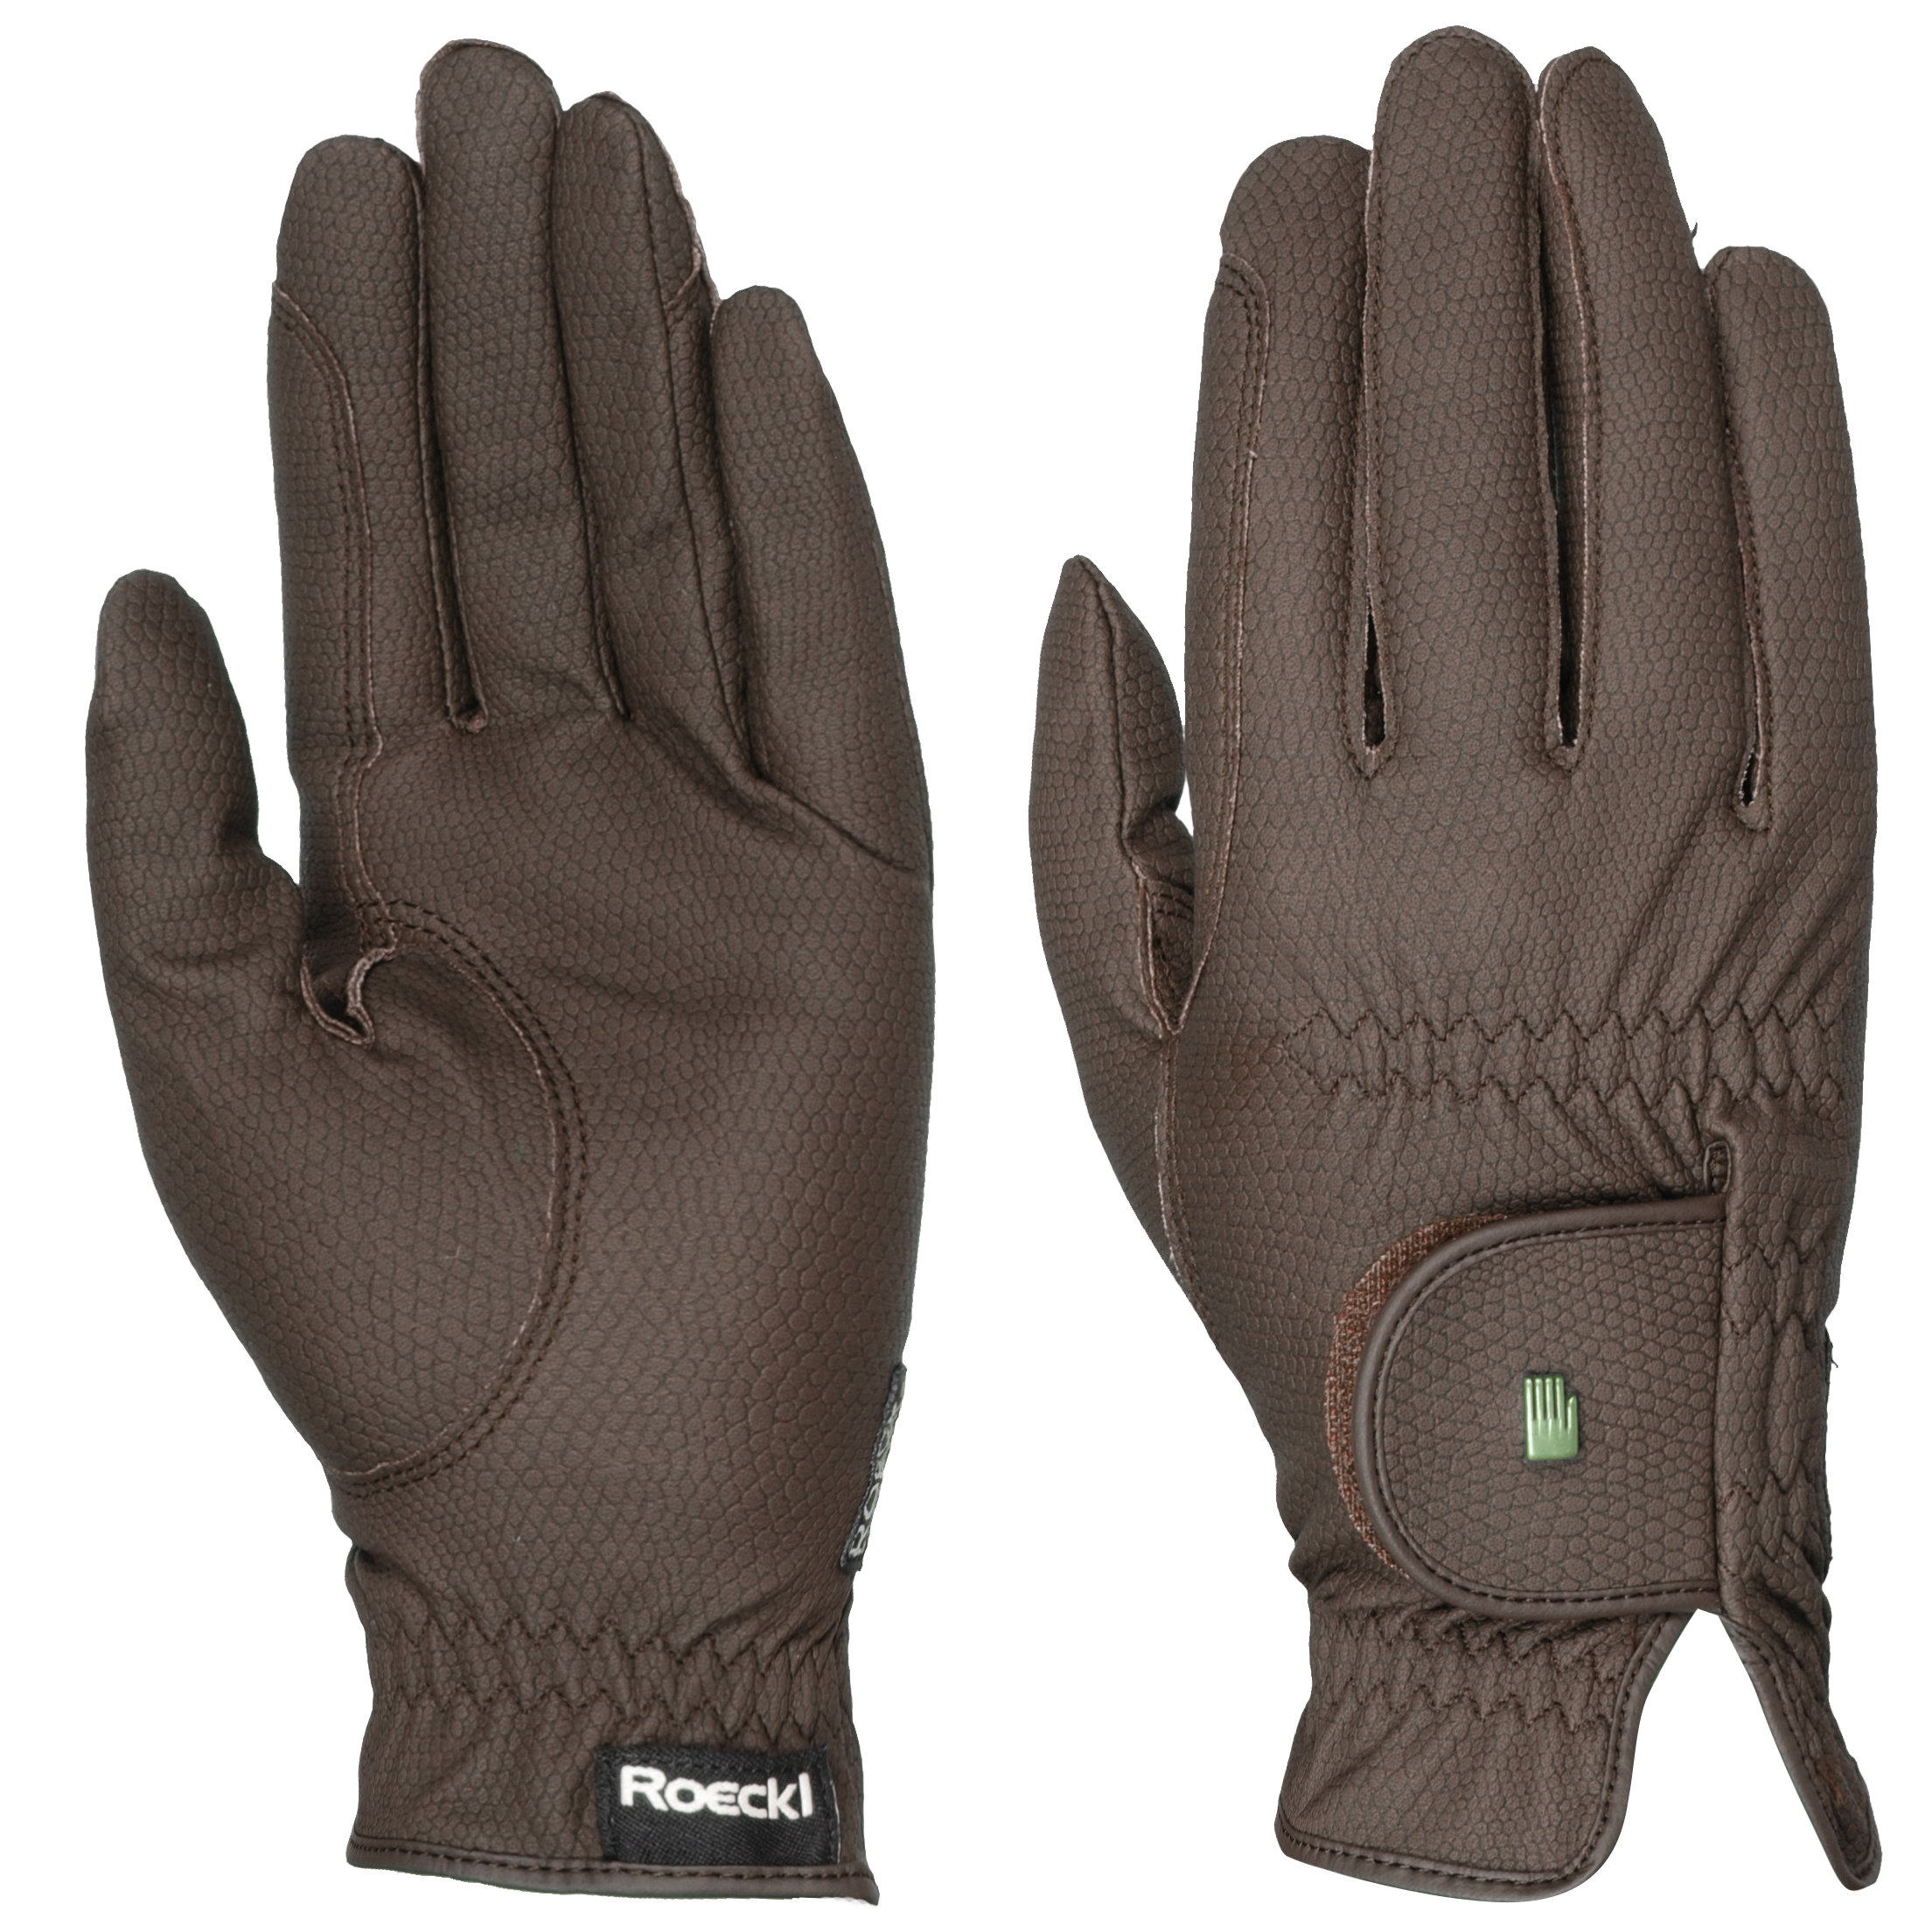 Roeckl Roeck grip Handschoen bruin maat:7,5